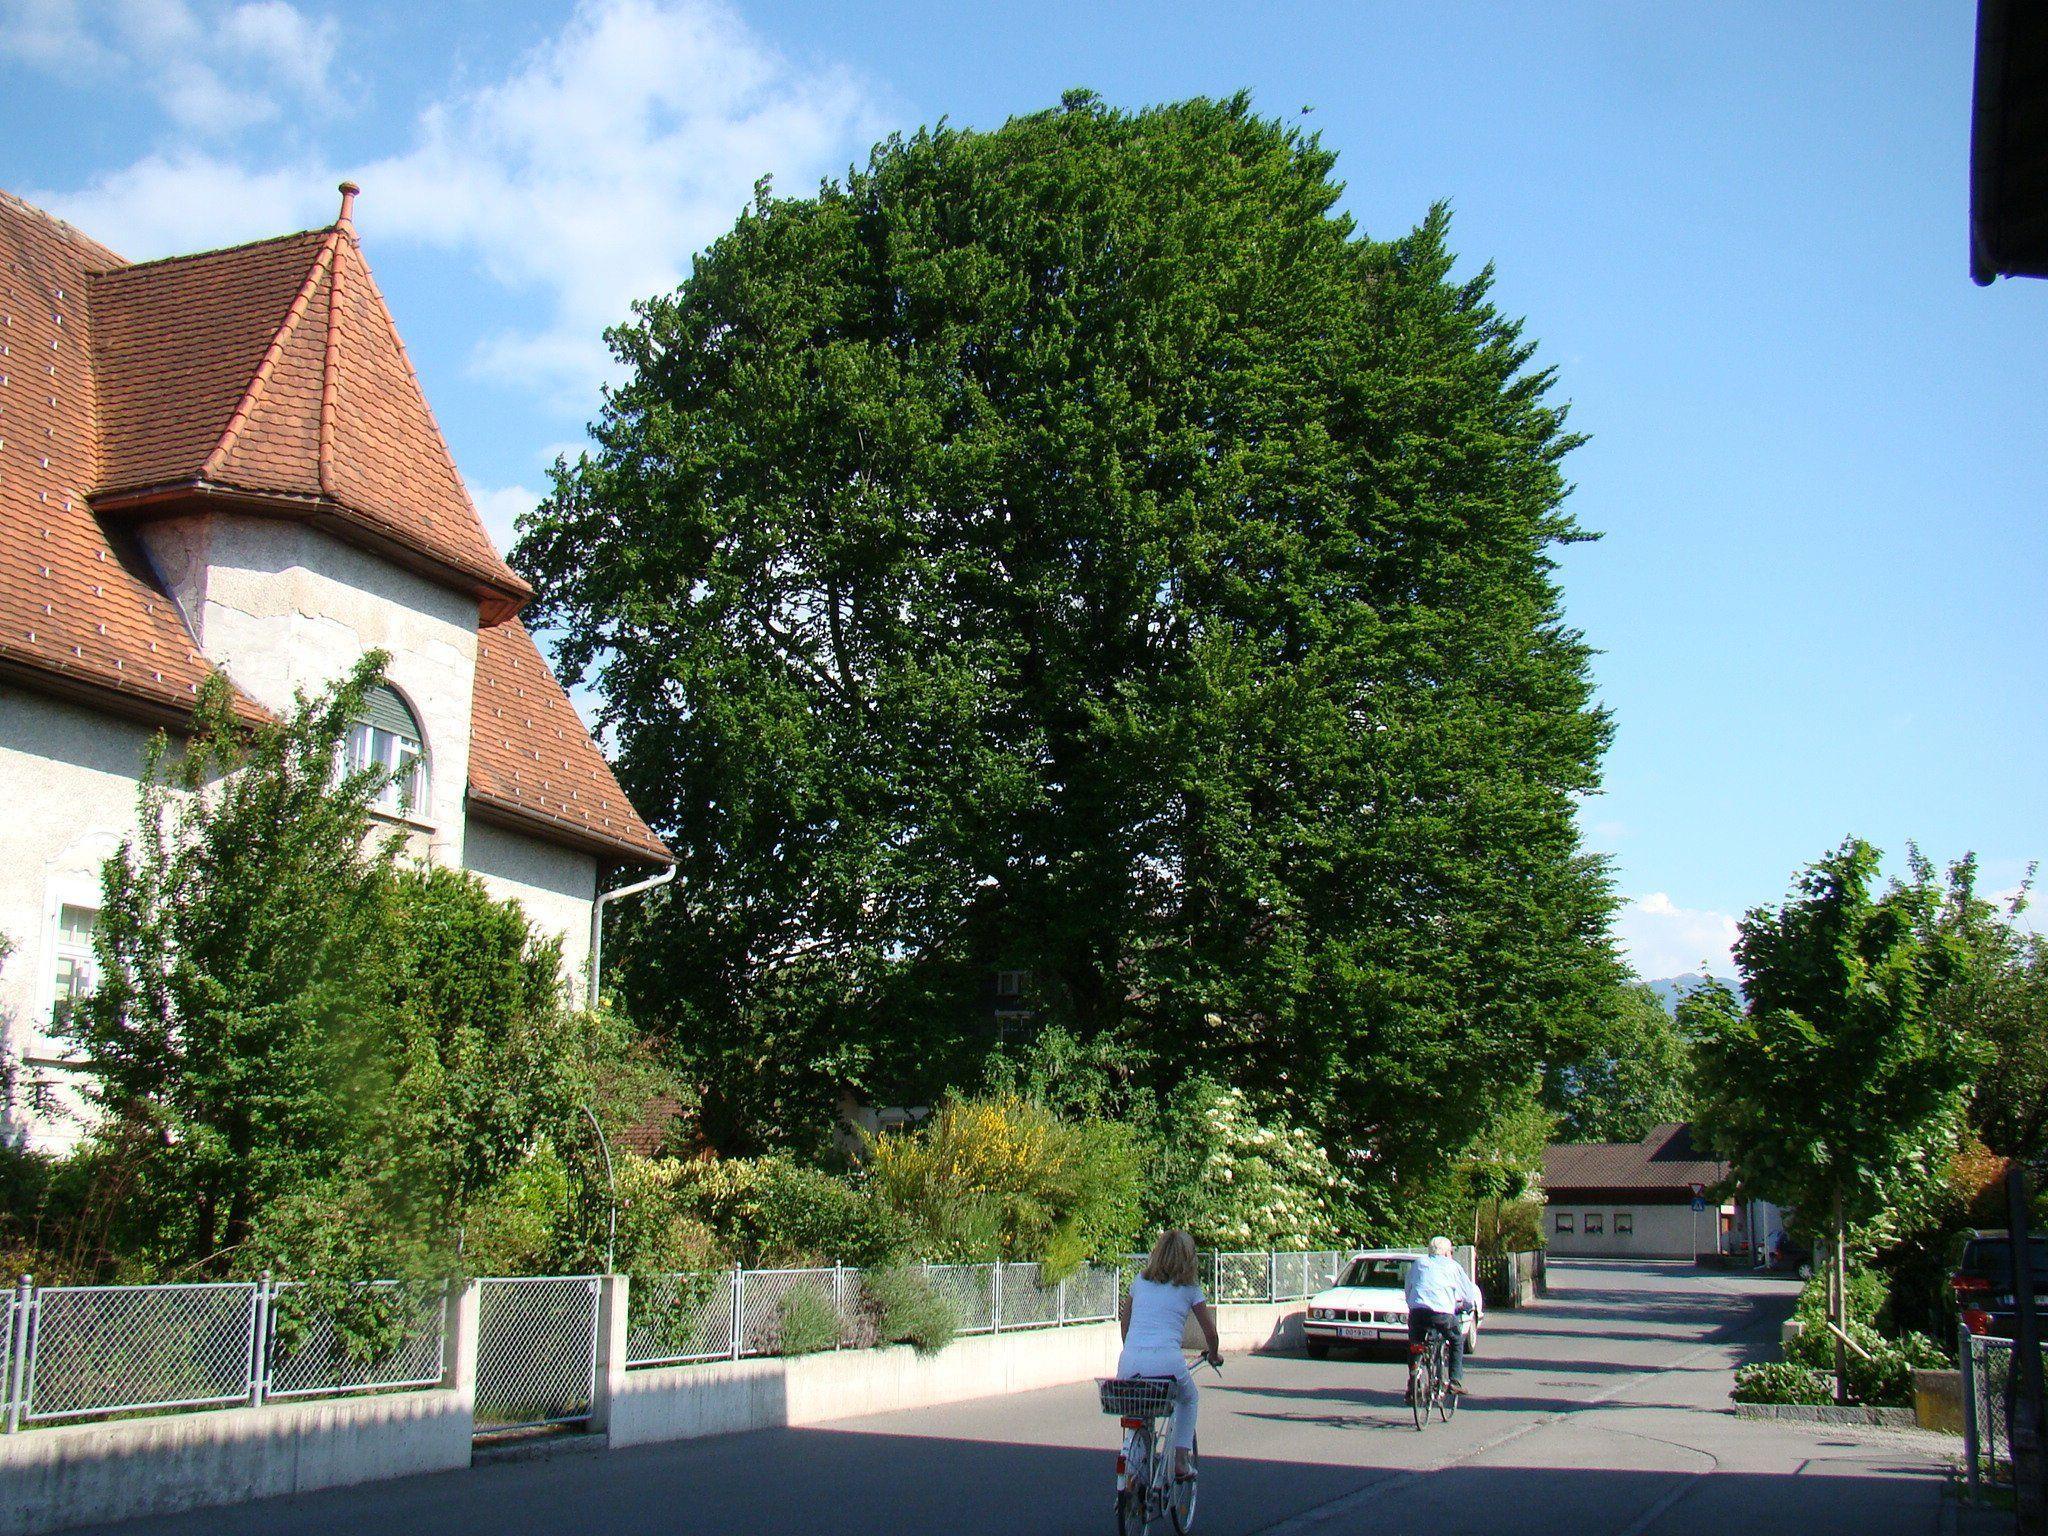 Beim Haus Steinackerstraße 3 wird der ortsbildprägende Baum von vielen Leuten bestaunt.